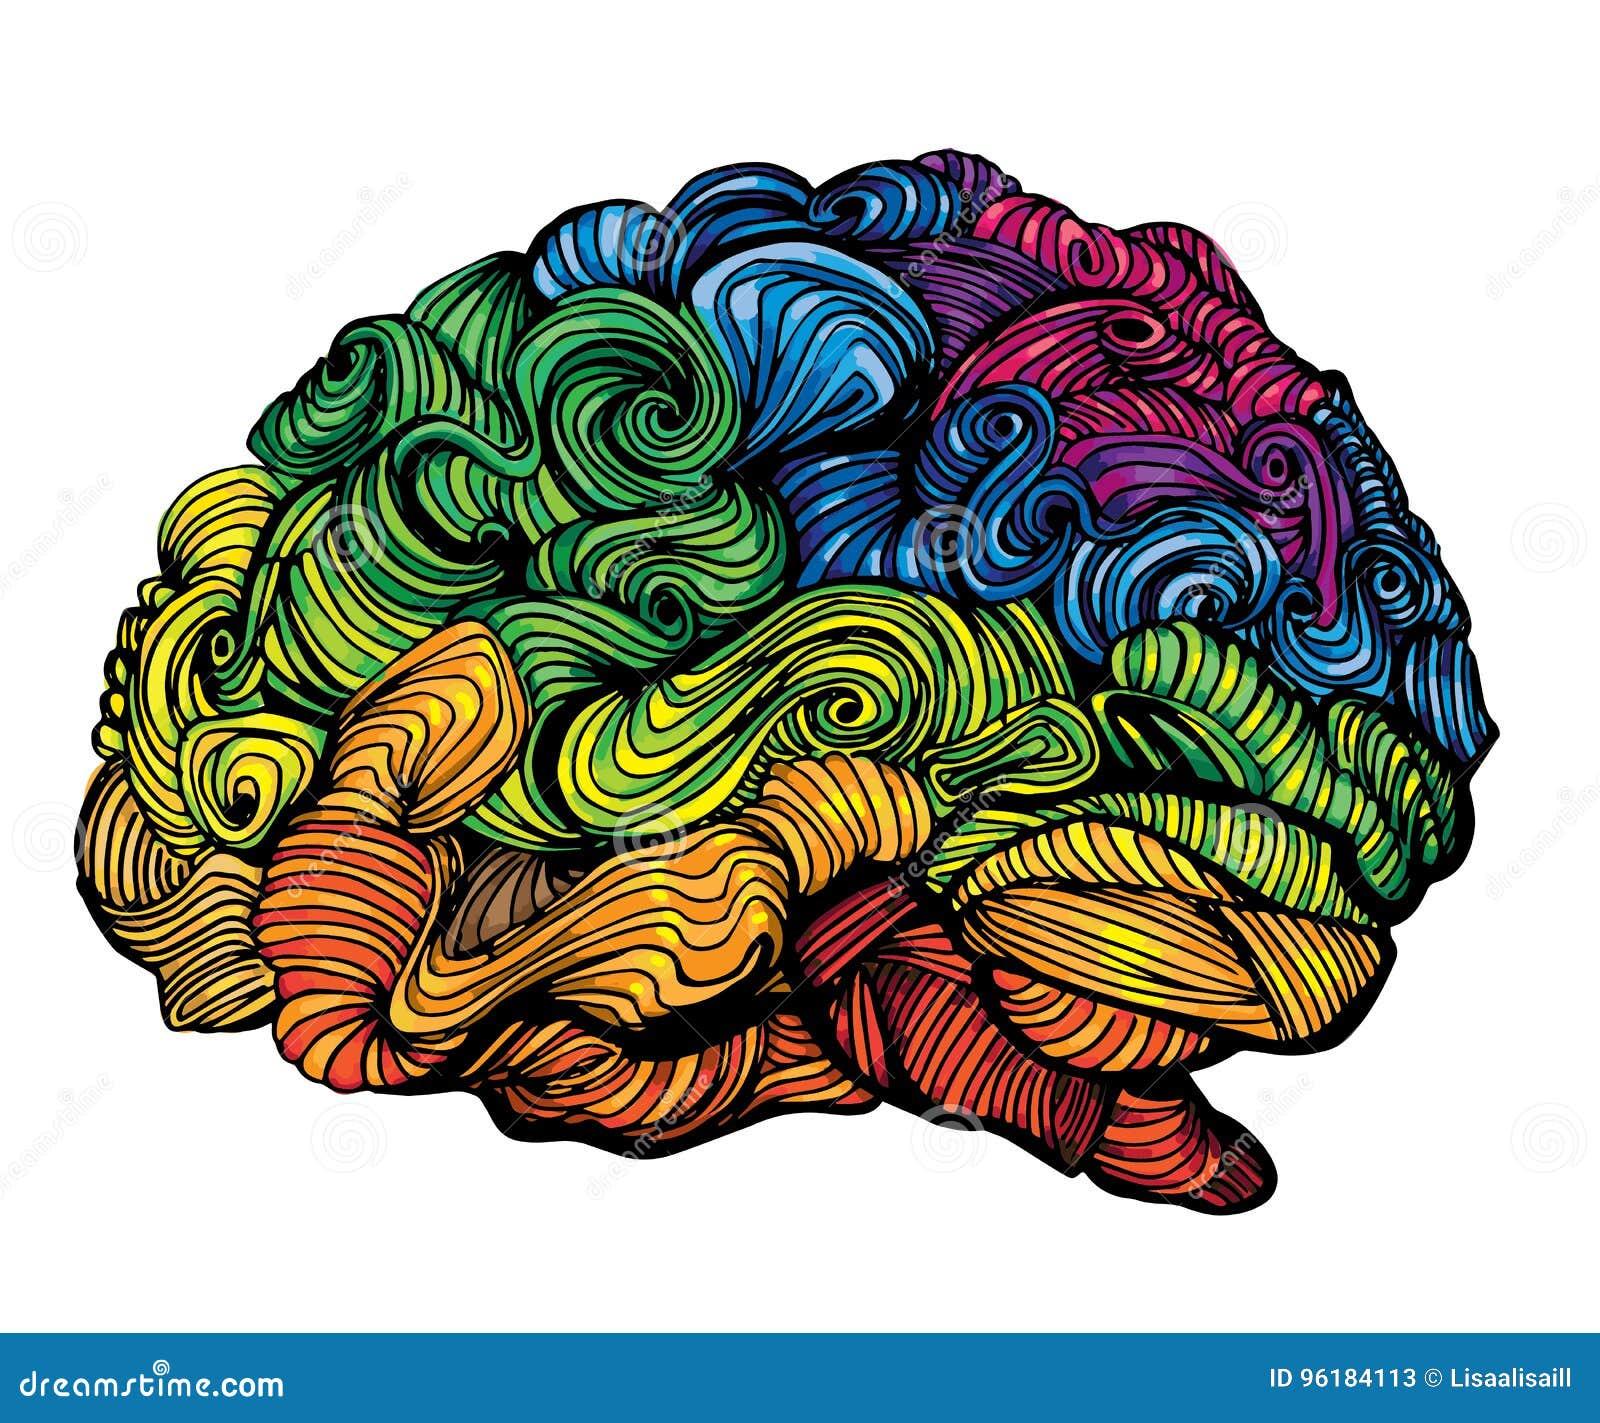 Brain Idea Illustration Conceito do vetor da garatuja sobre o cérebro humano Ilustração criativa com cérebro colorido e cinza